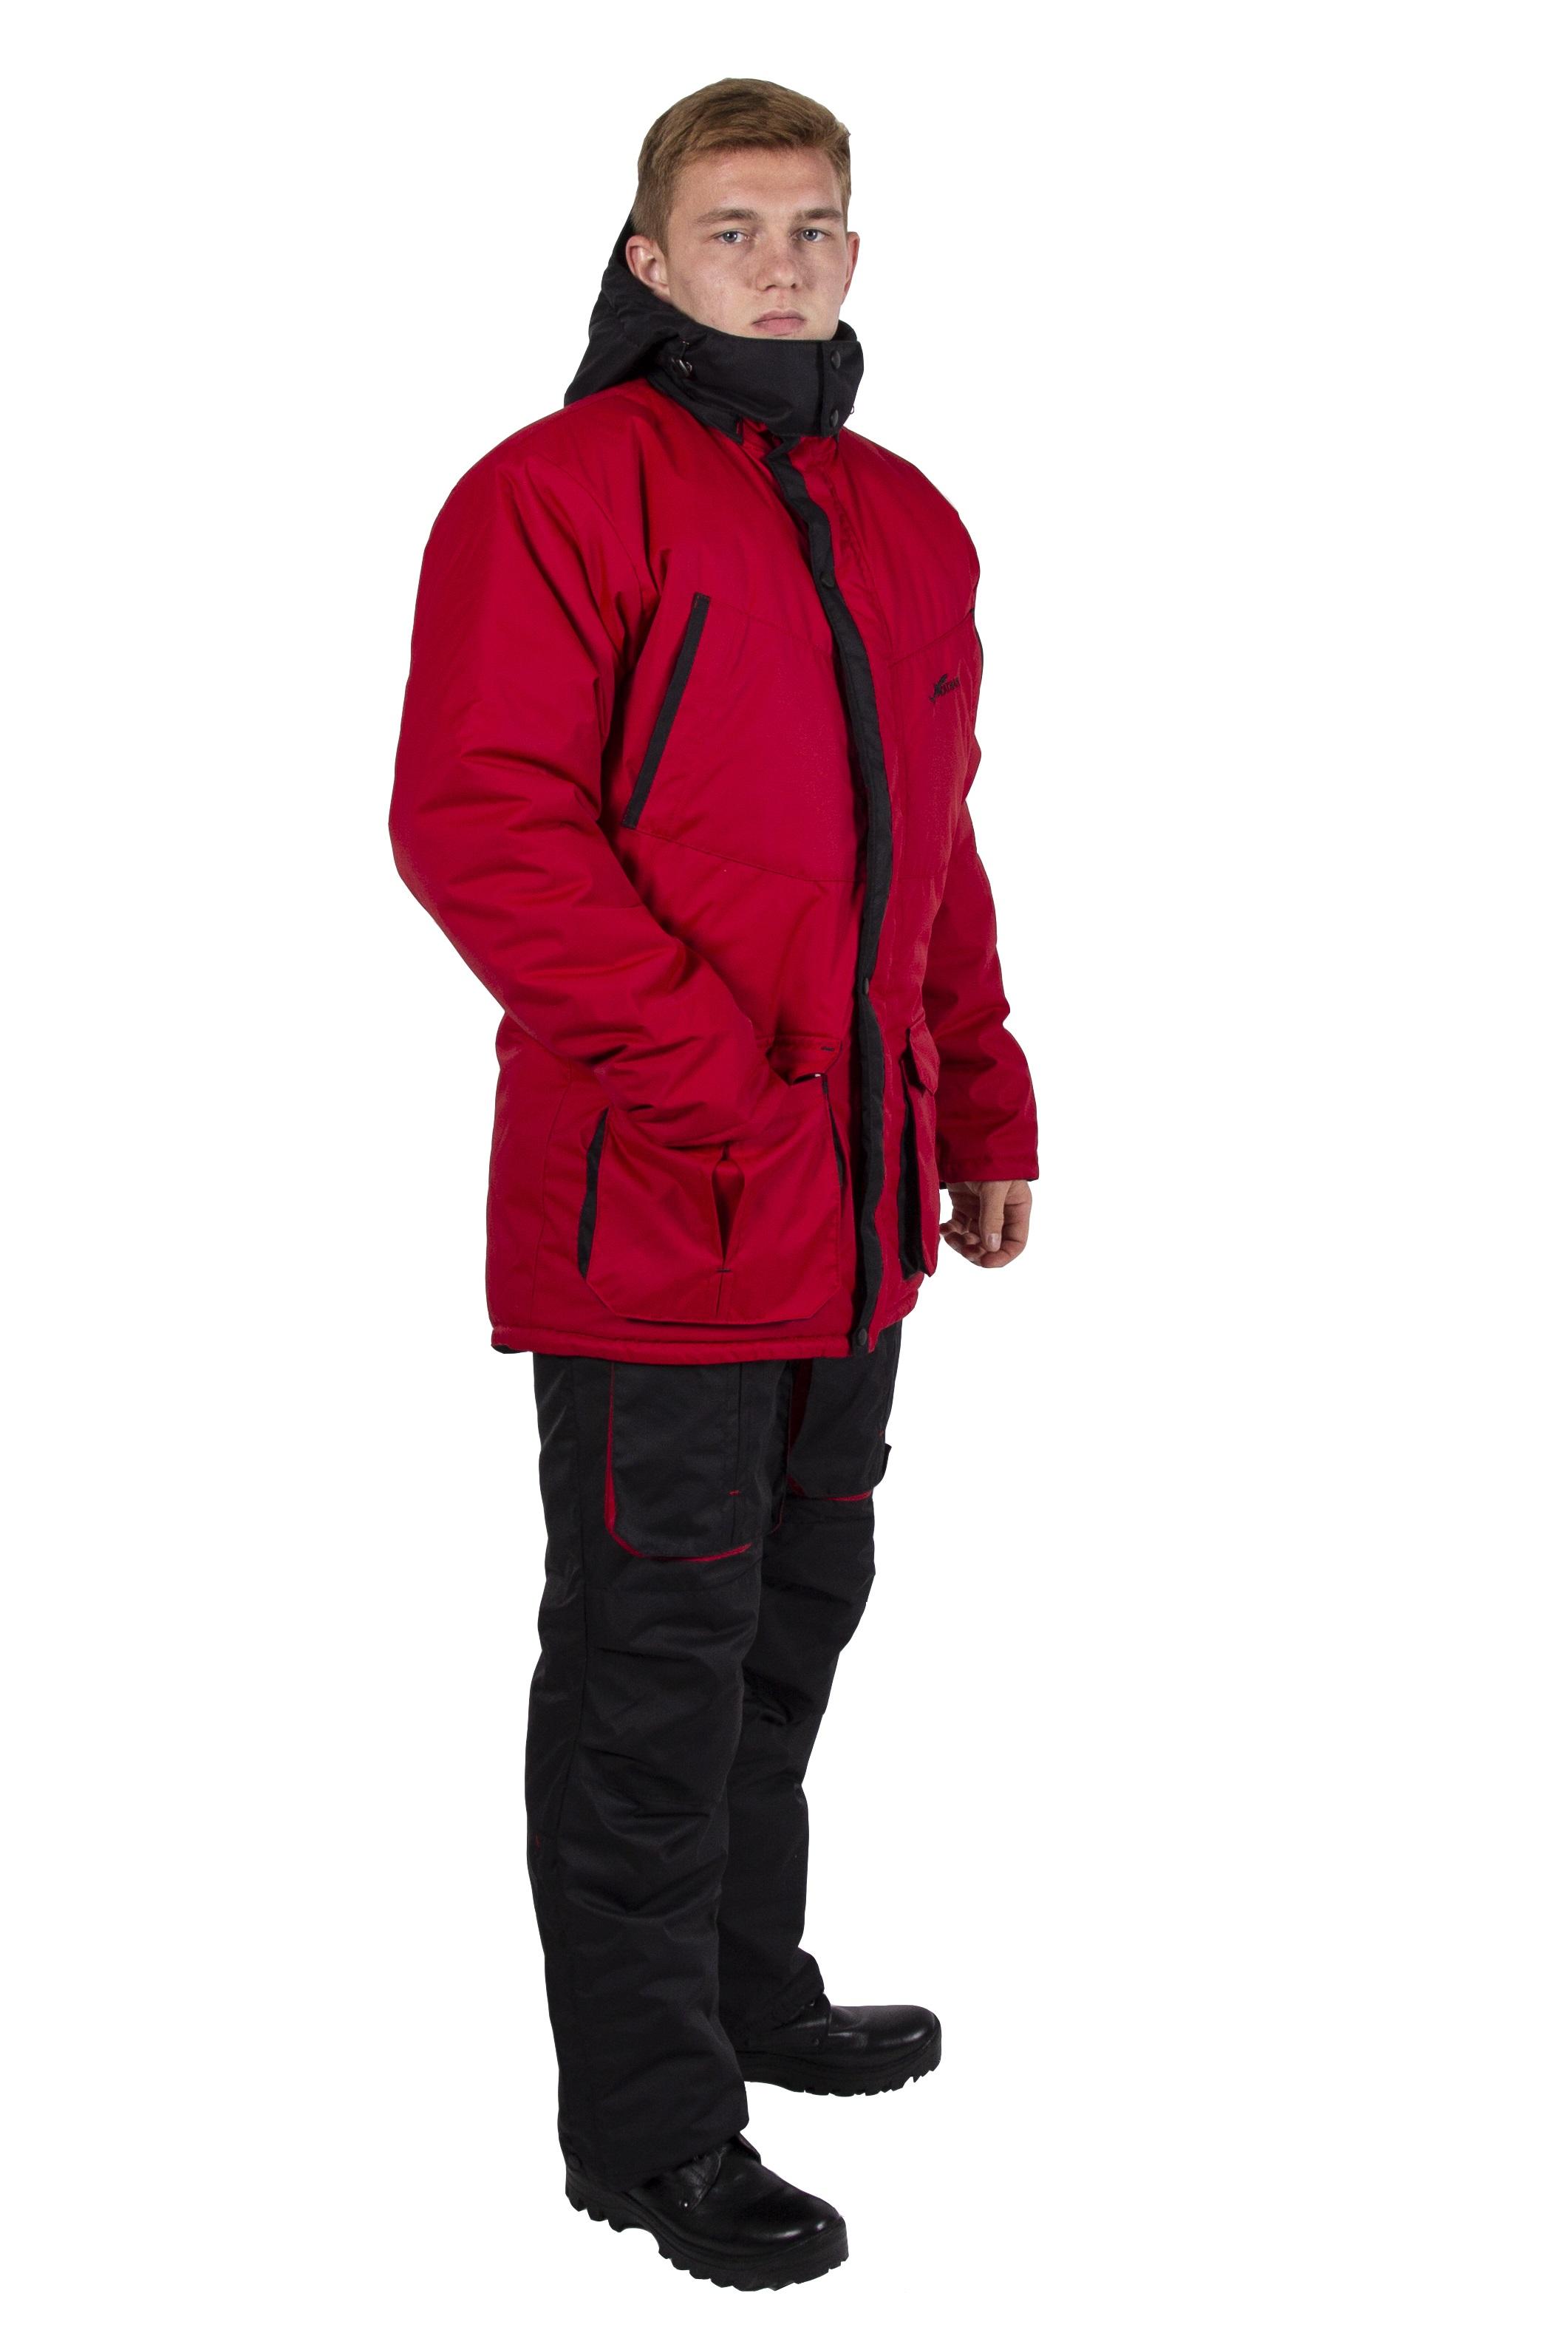 Зимний костюм для охоты и рыбалки KATRAN Берген -40C Таслан, Красный, 48-50/170-176 фото